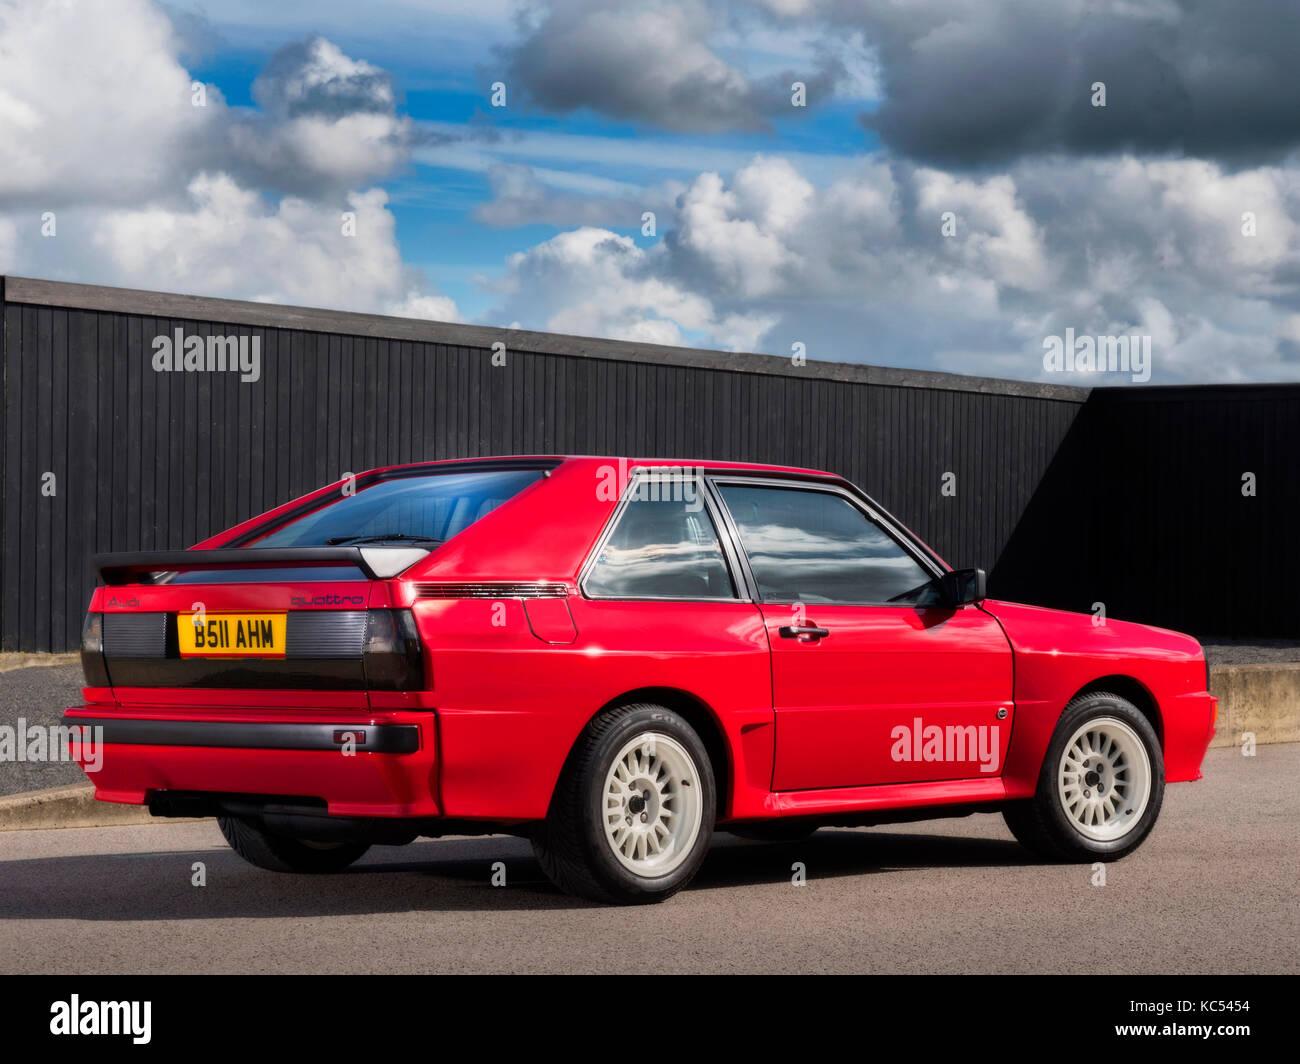 audi quattro rally car 1985 stock photos audi quattro. Black Bedroom Furniture Sets. Home Design Ideas